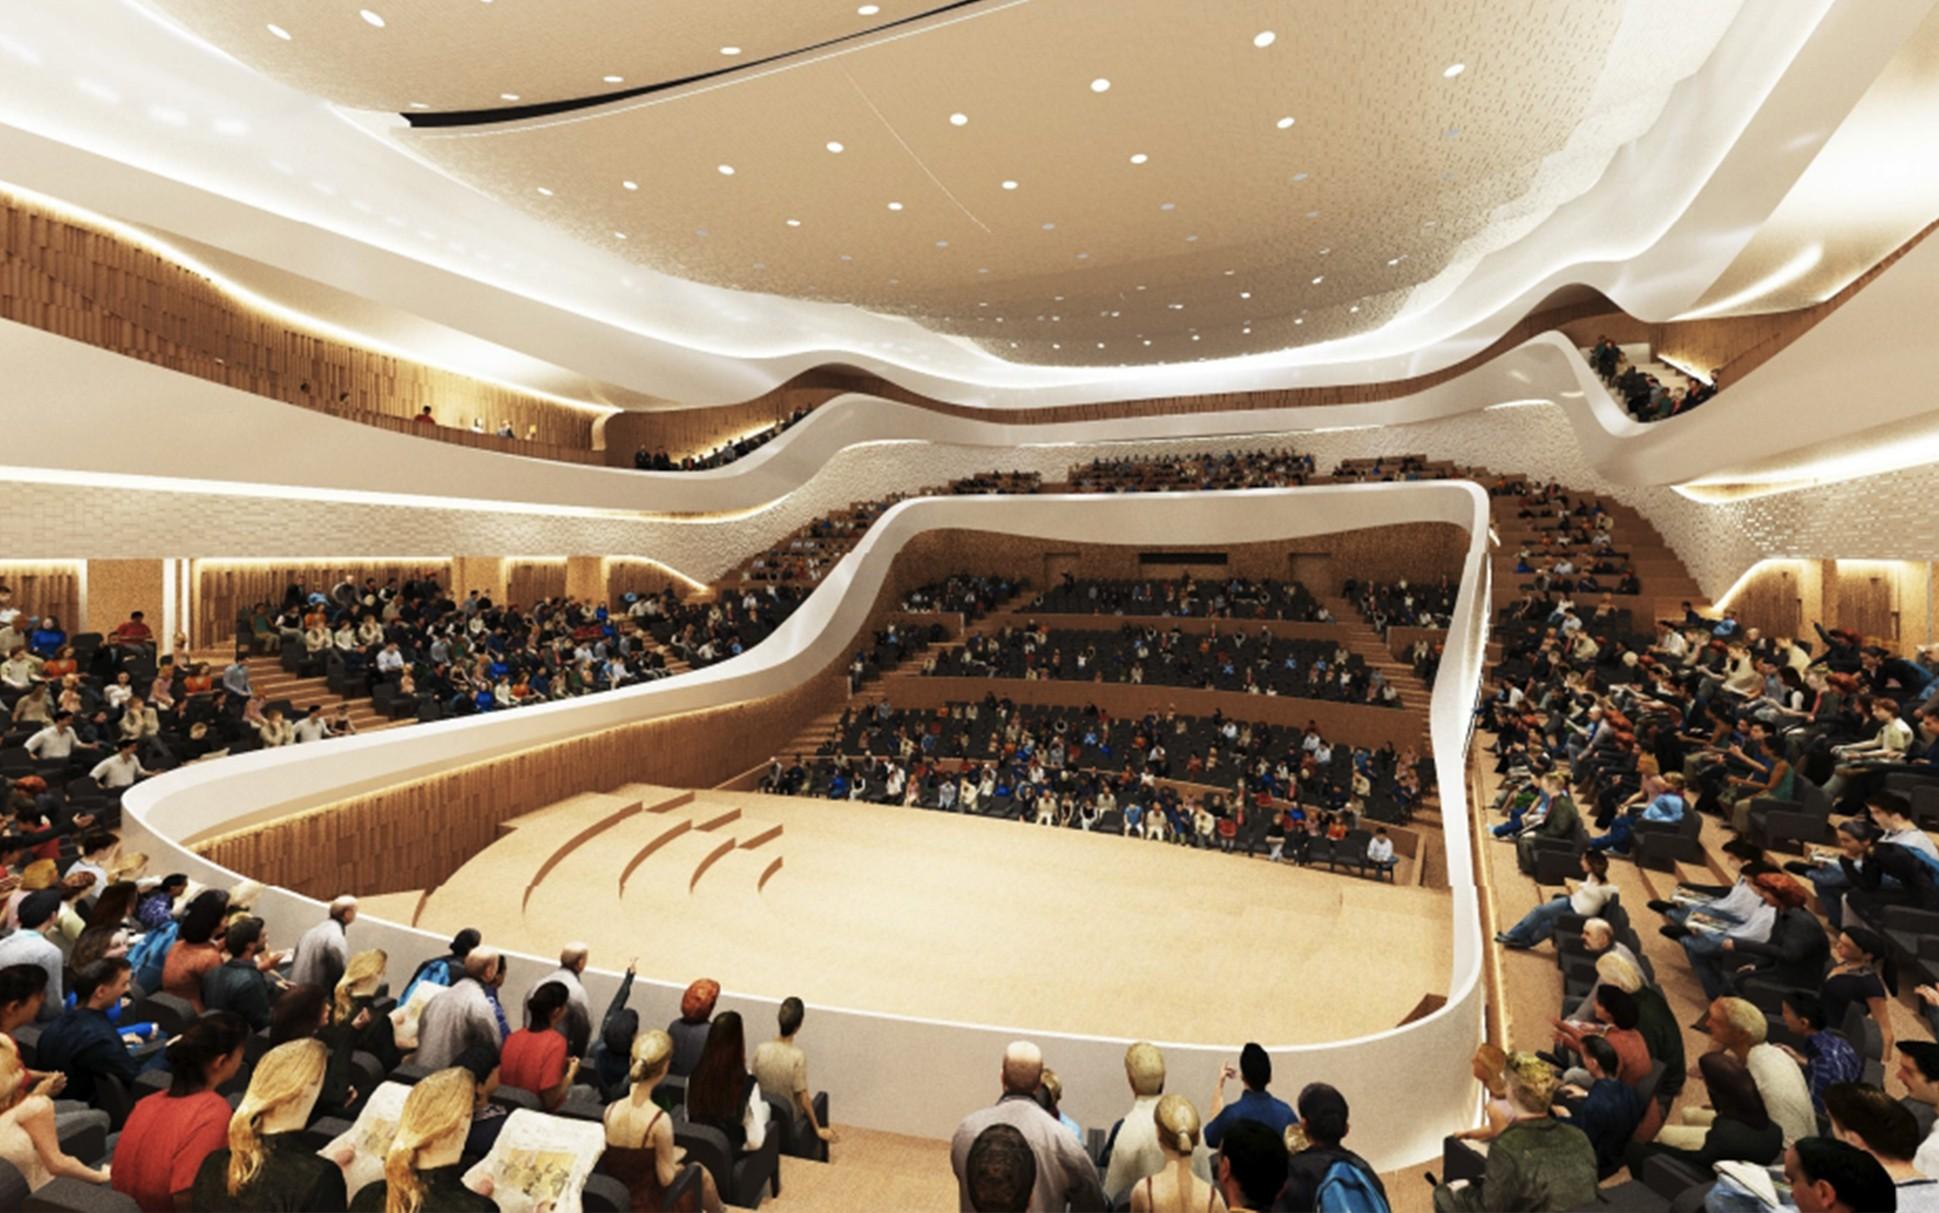 В «Зарядье» доконца года установят оборудование партера концертного зала